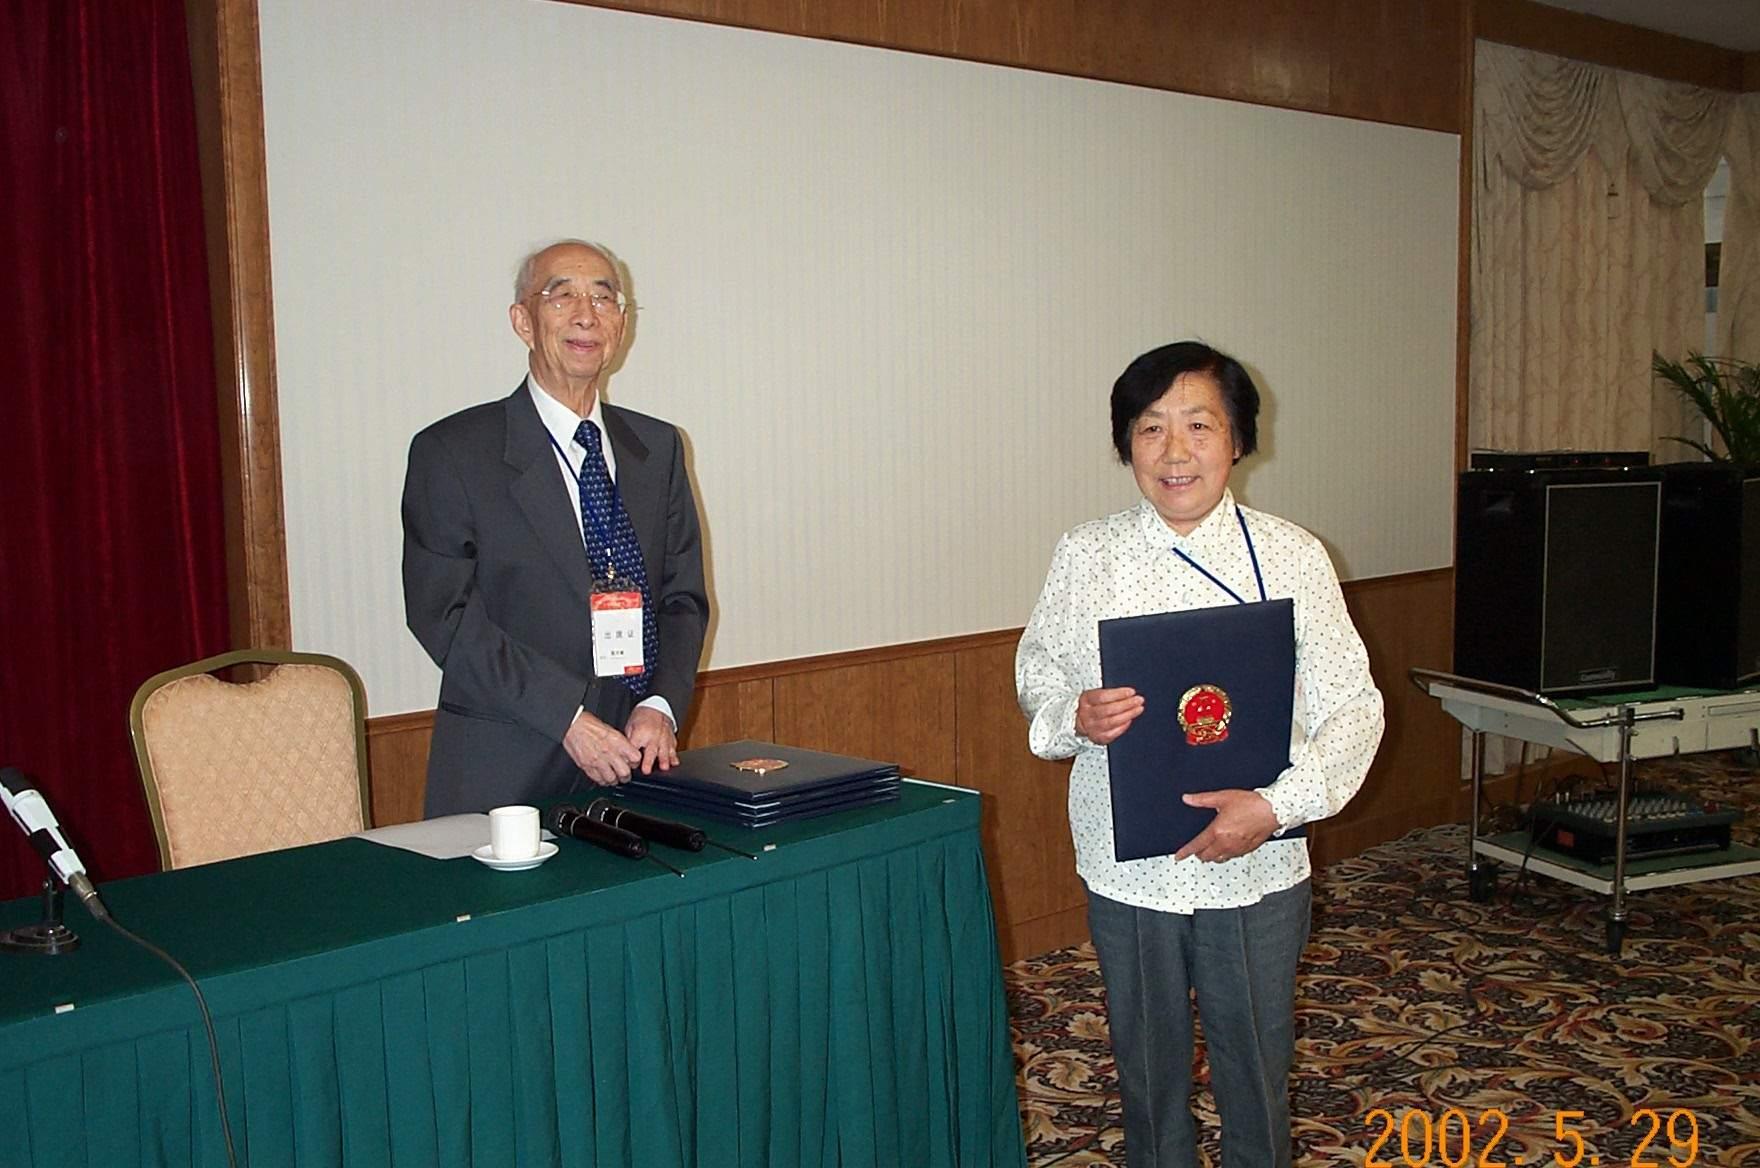 2001年,黄春辉教授当选为中国科学院院士。